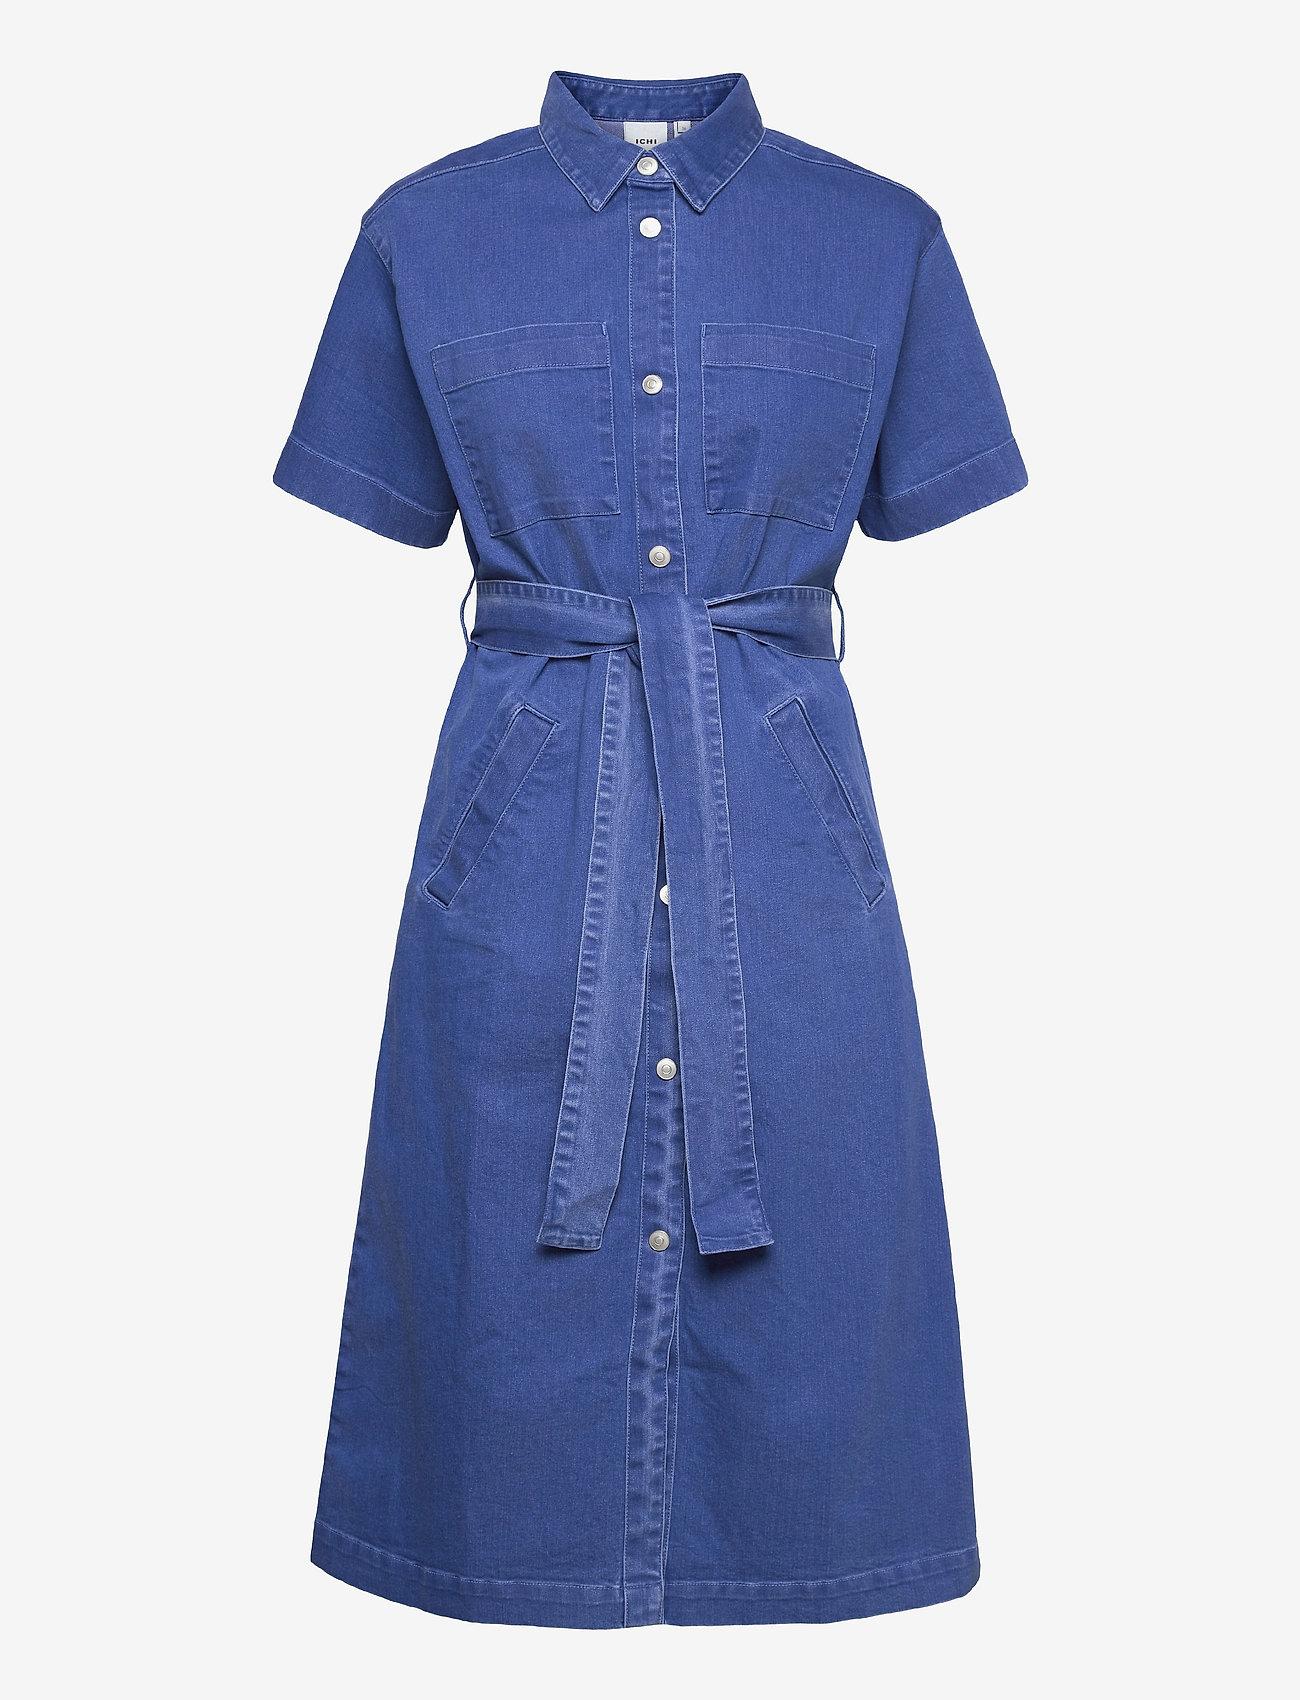 ICHI - IHMAZIE DR - summer dresses - washed blue, denim - 0